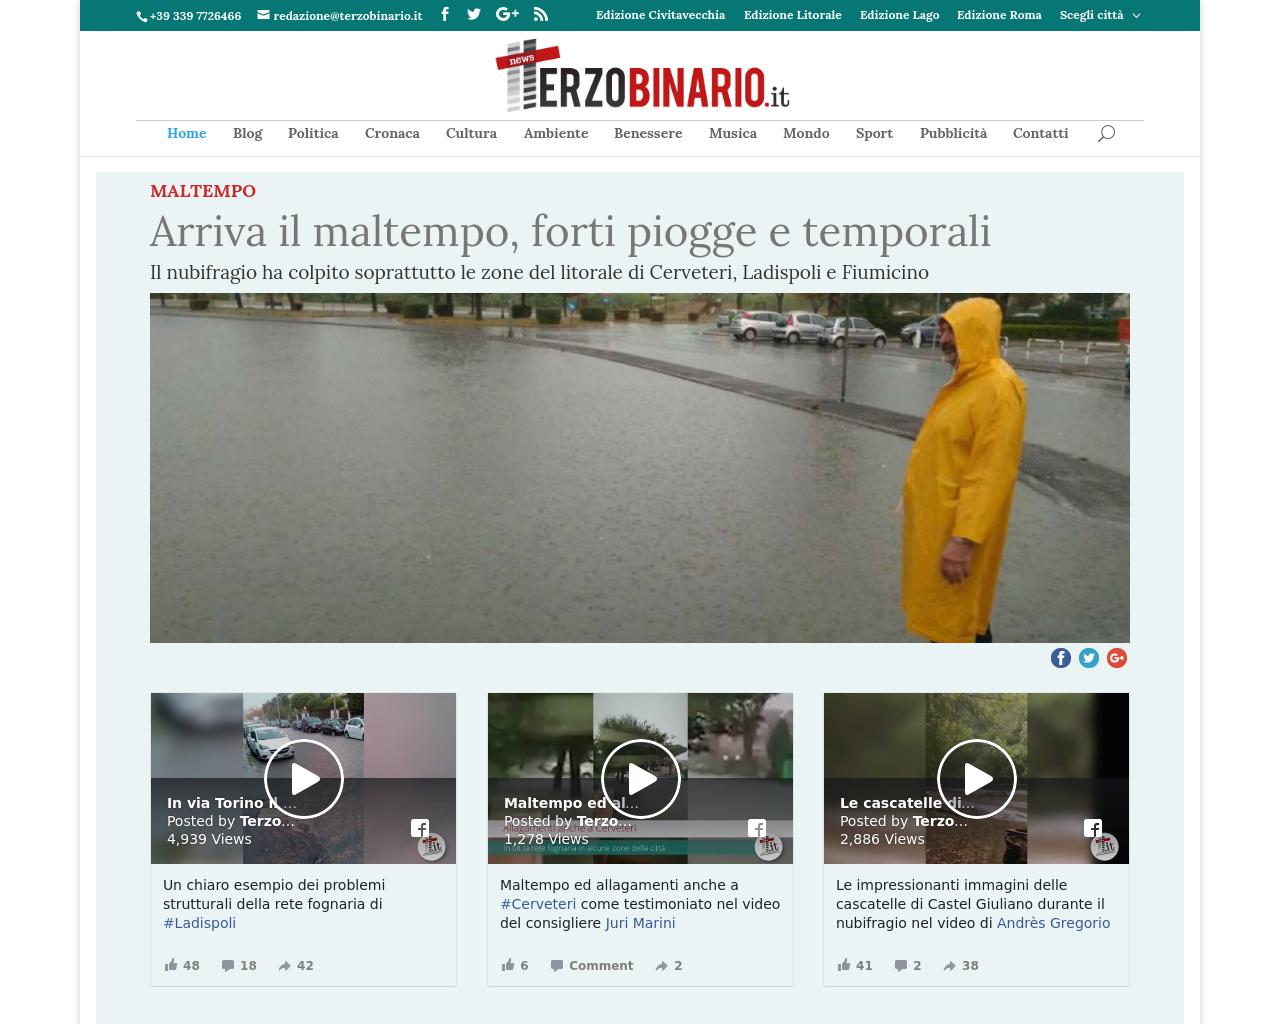 Terzobinario.it-Advertising-Reviews-Pricing